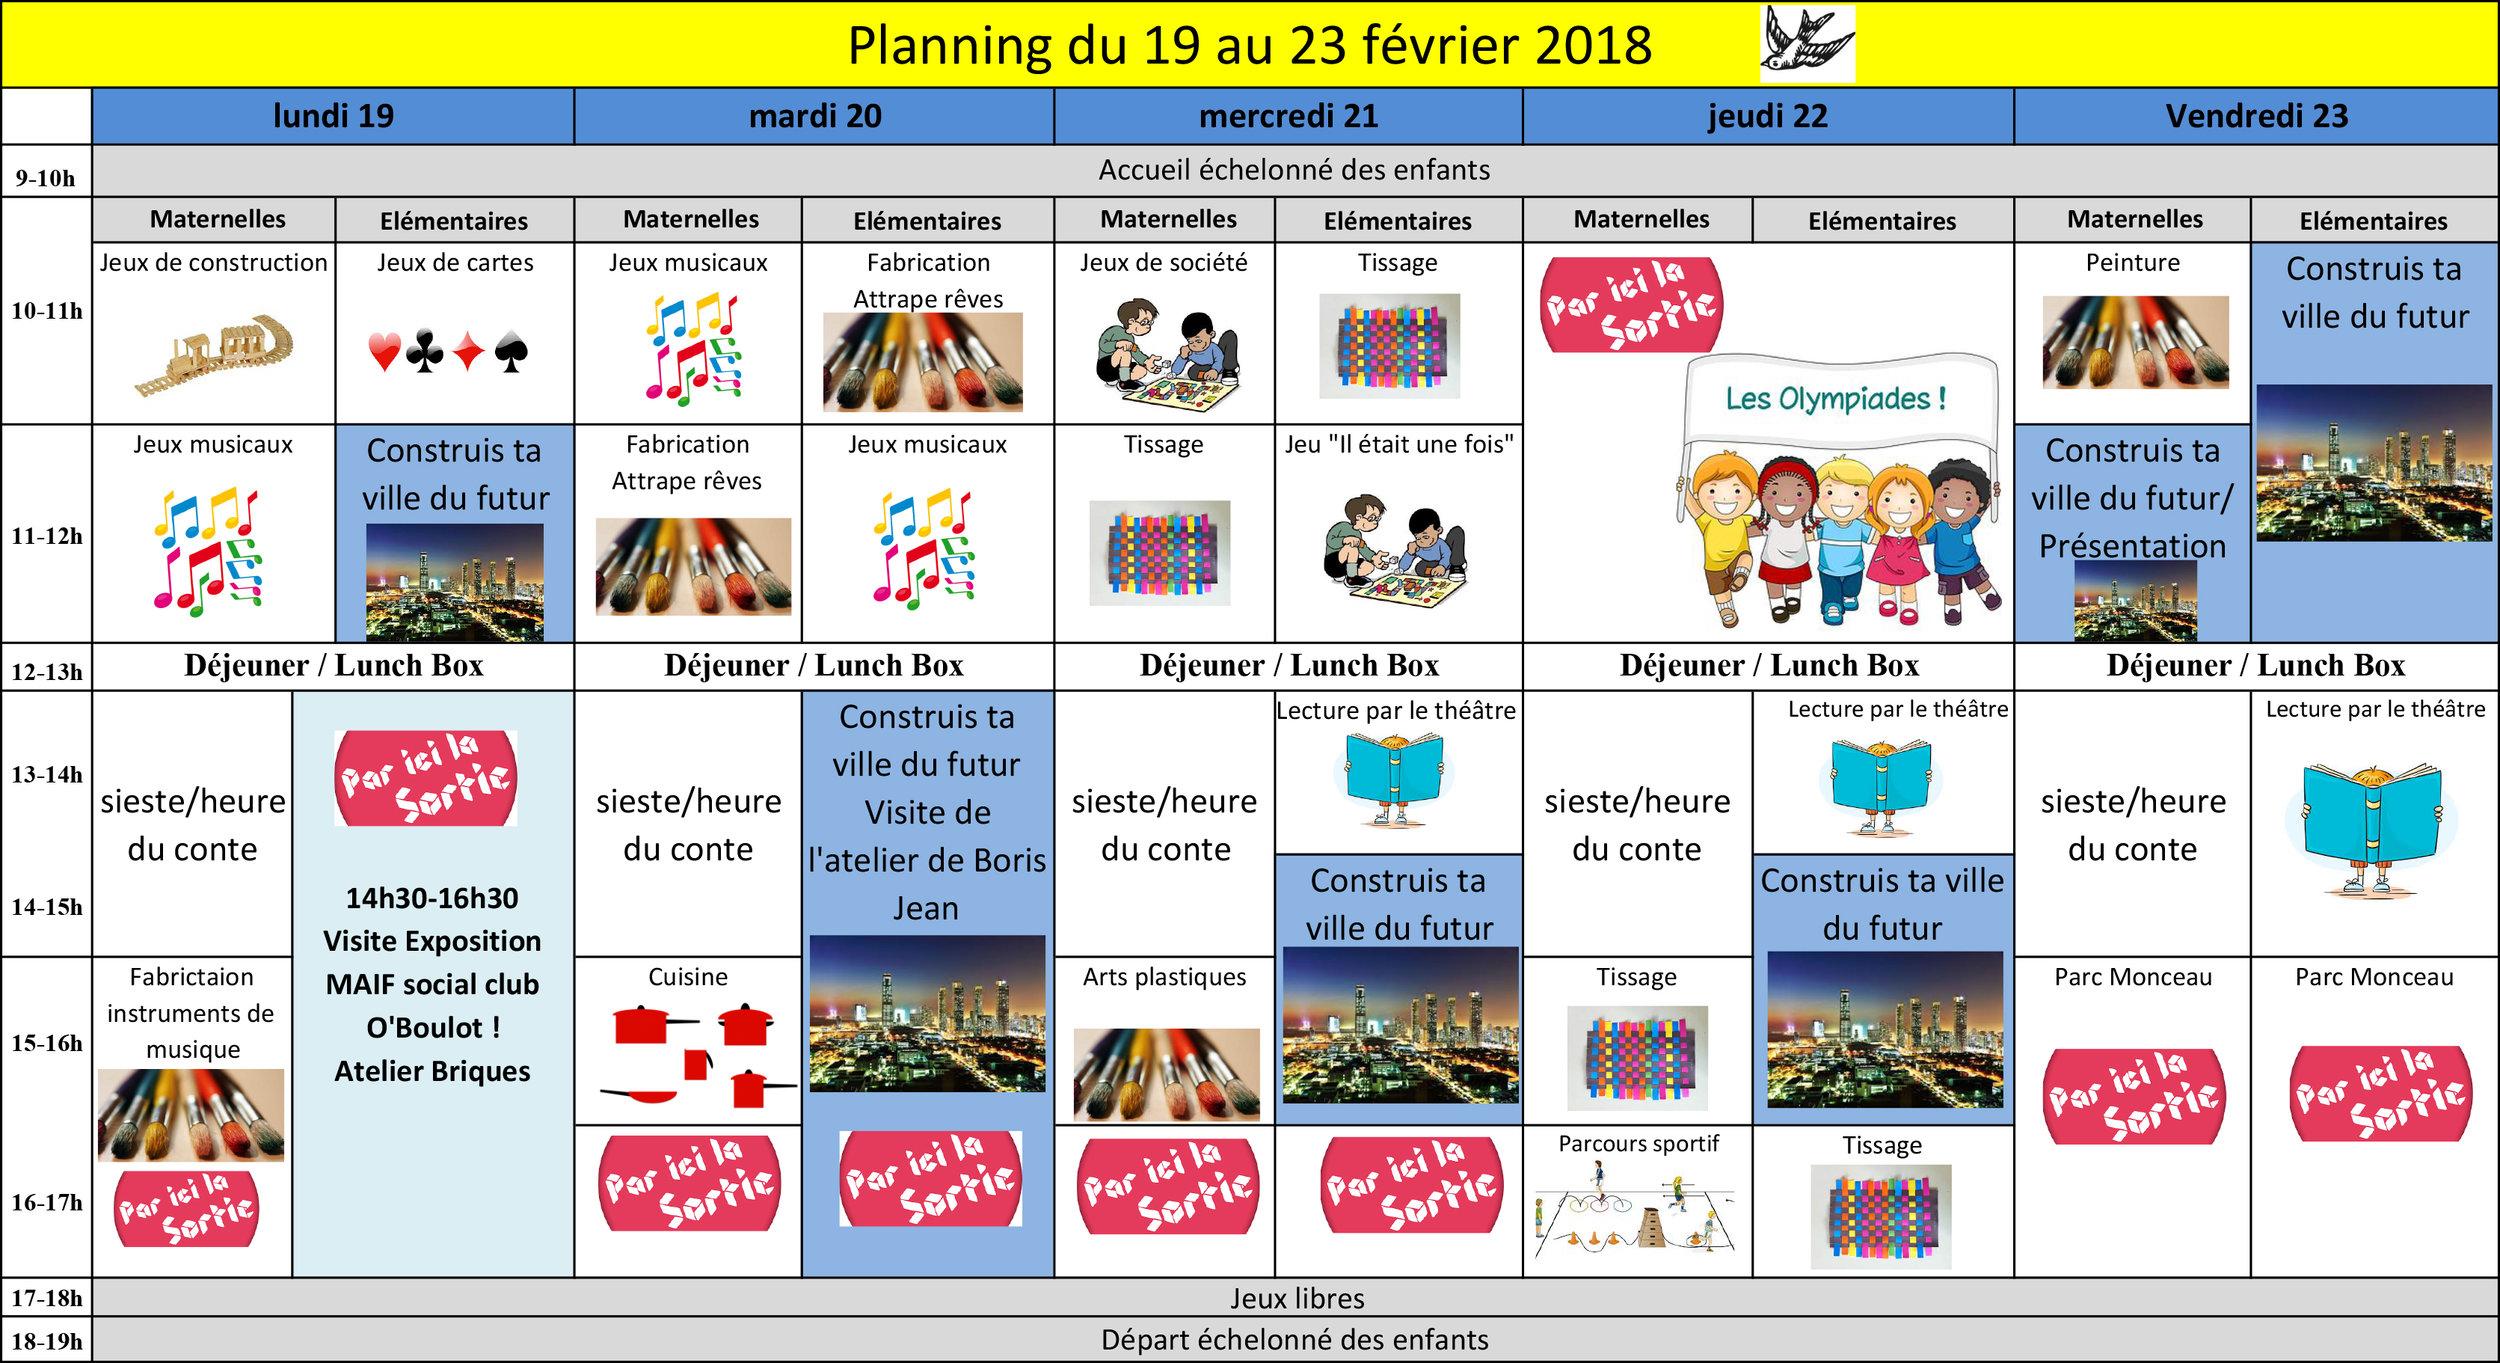 planning fev 18